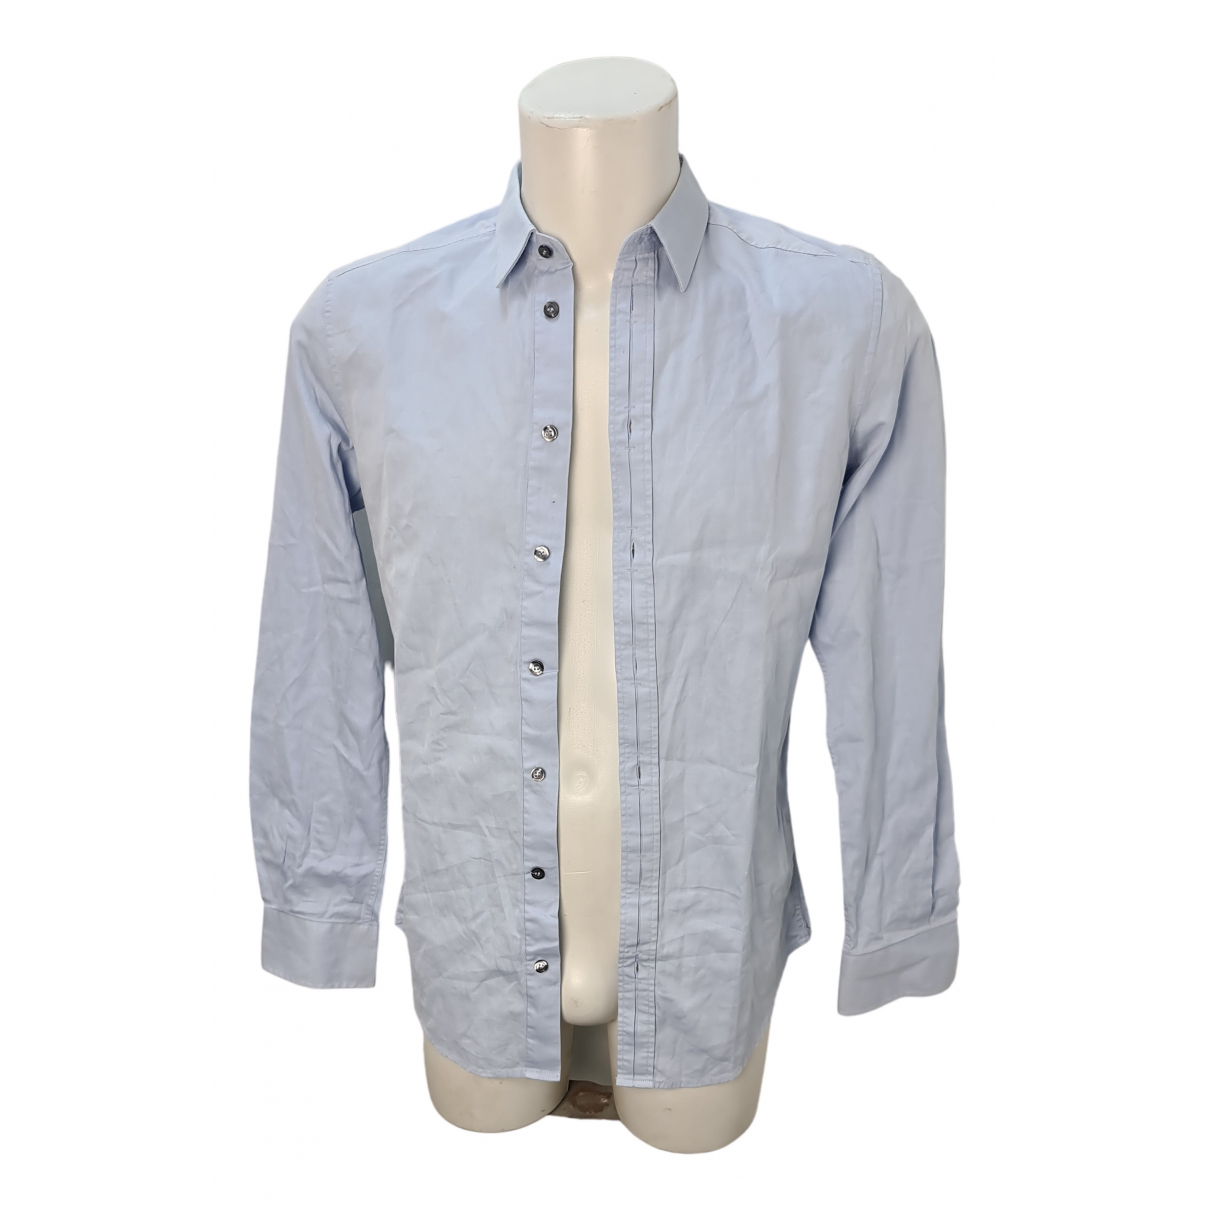 D&g \N Cotton Shirts for Men 15 UK - US (tour de cou / collar)